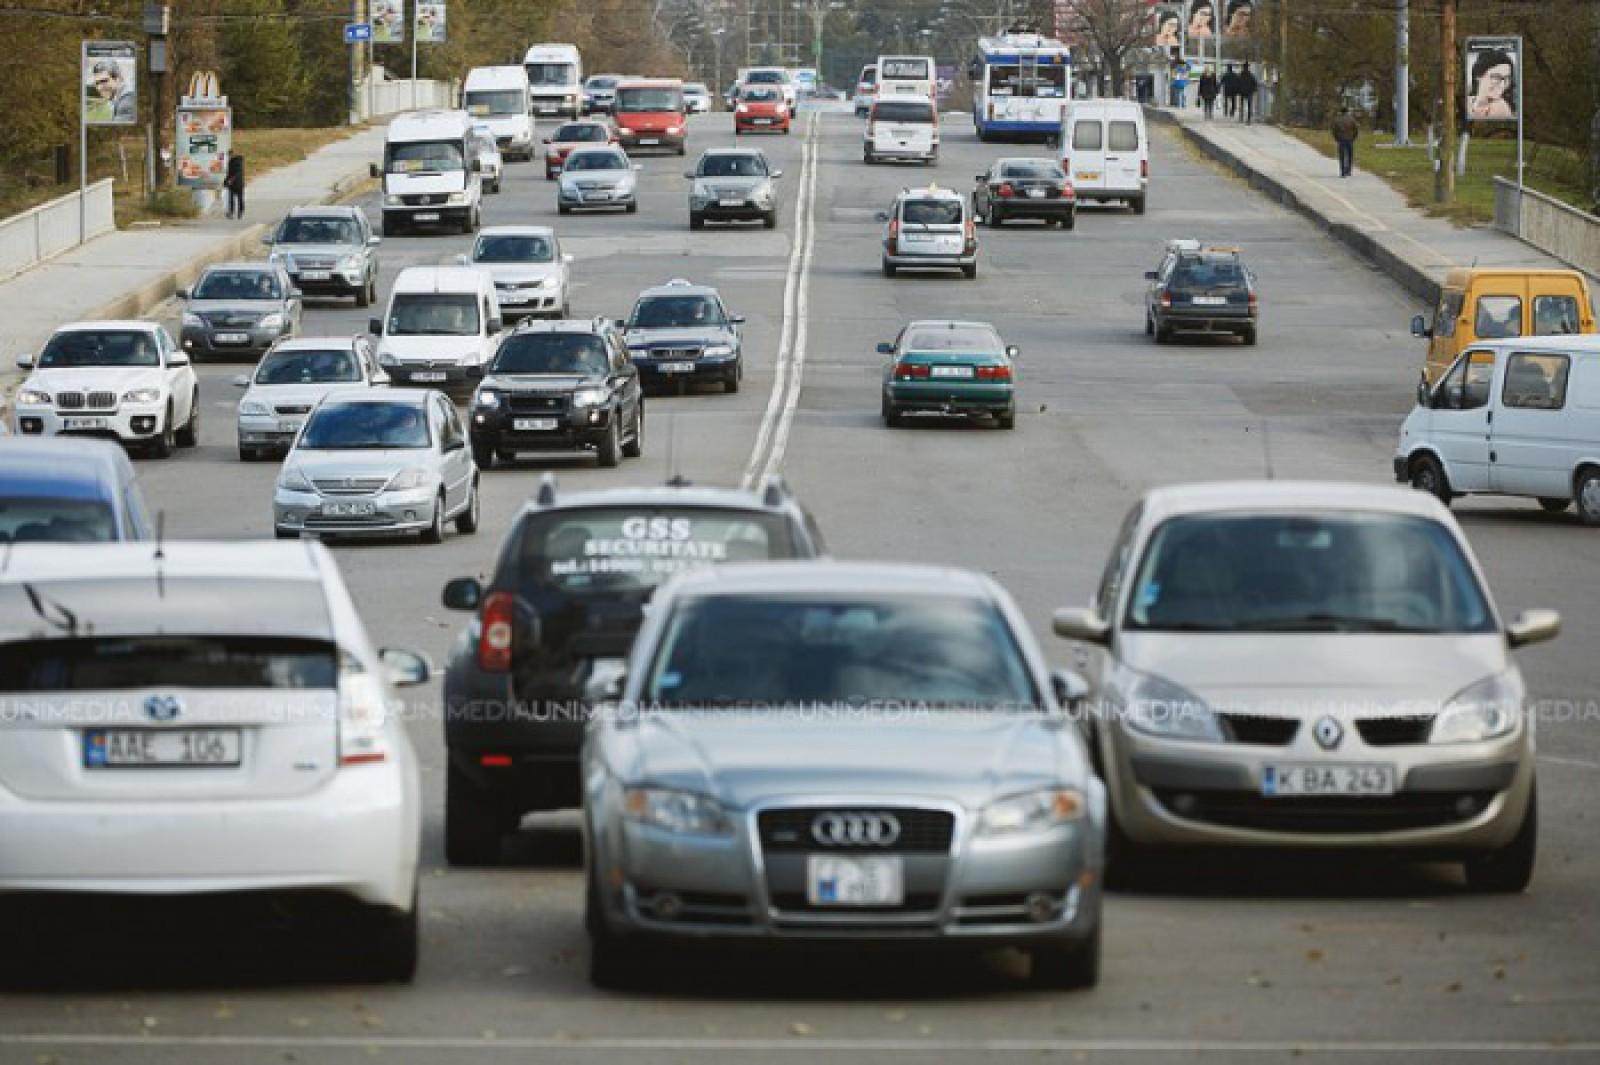 Șoferii care dețin mașini hibrid ar putea plăti cu 50% mai puțin din taxa pentru folosirea drumurilor